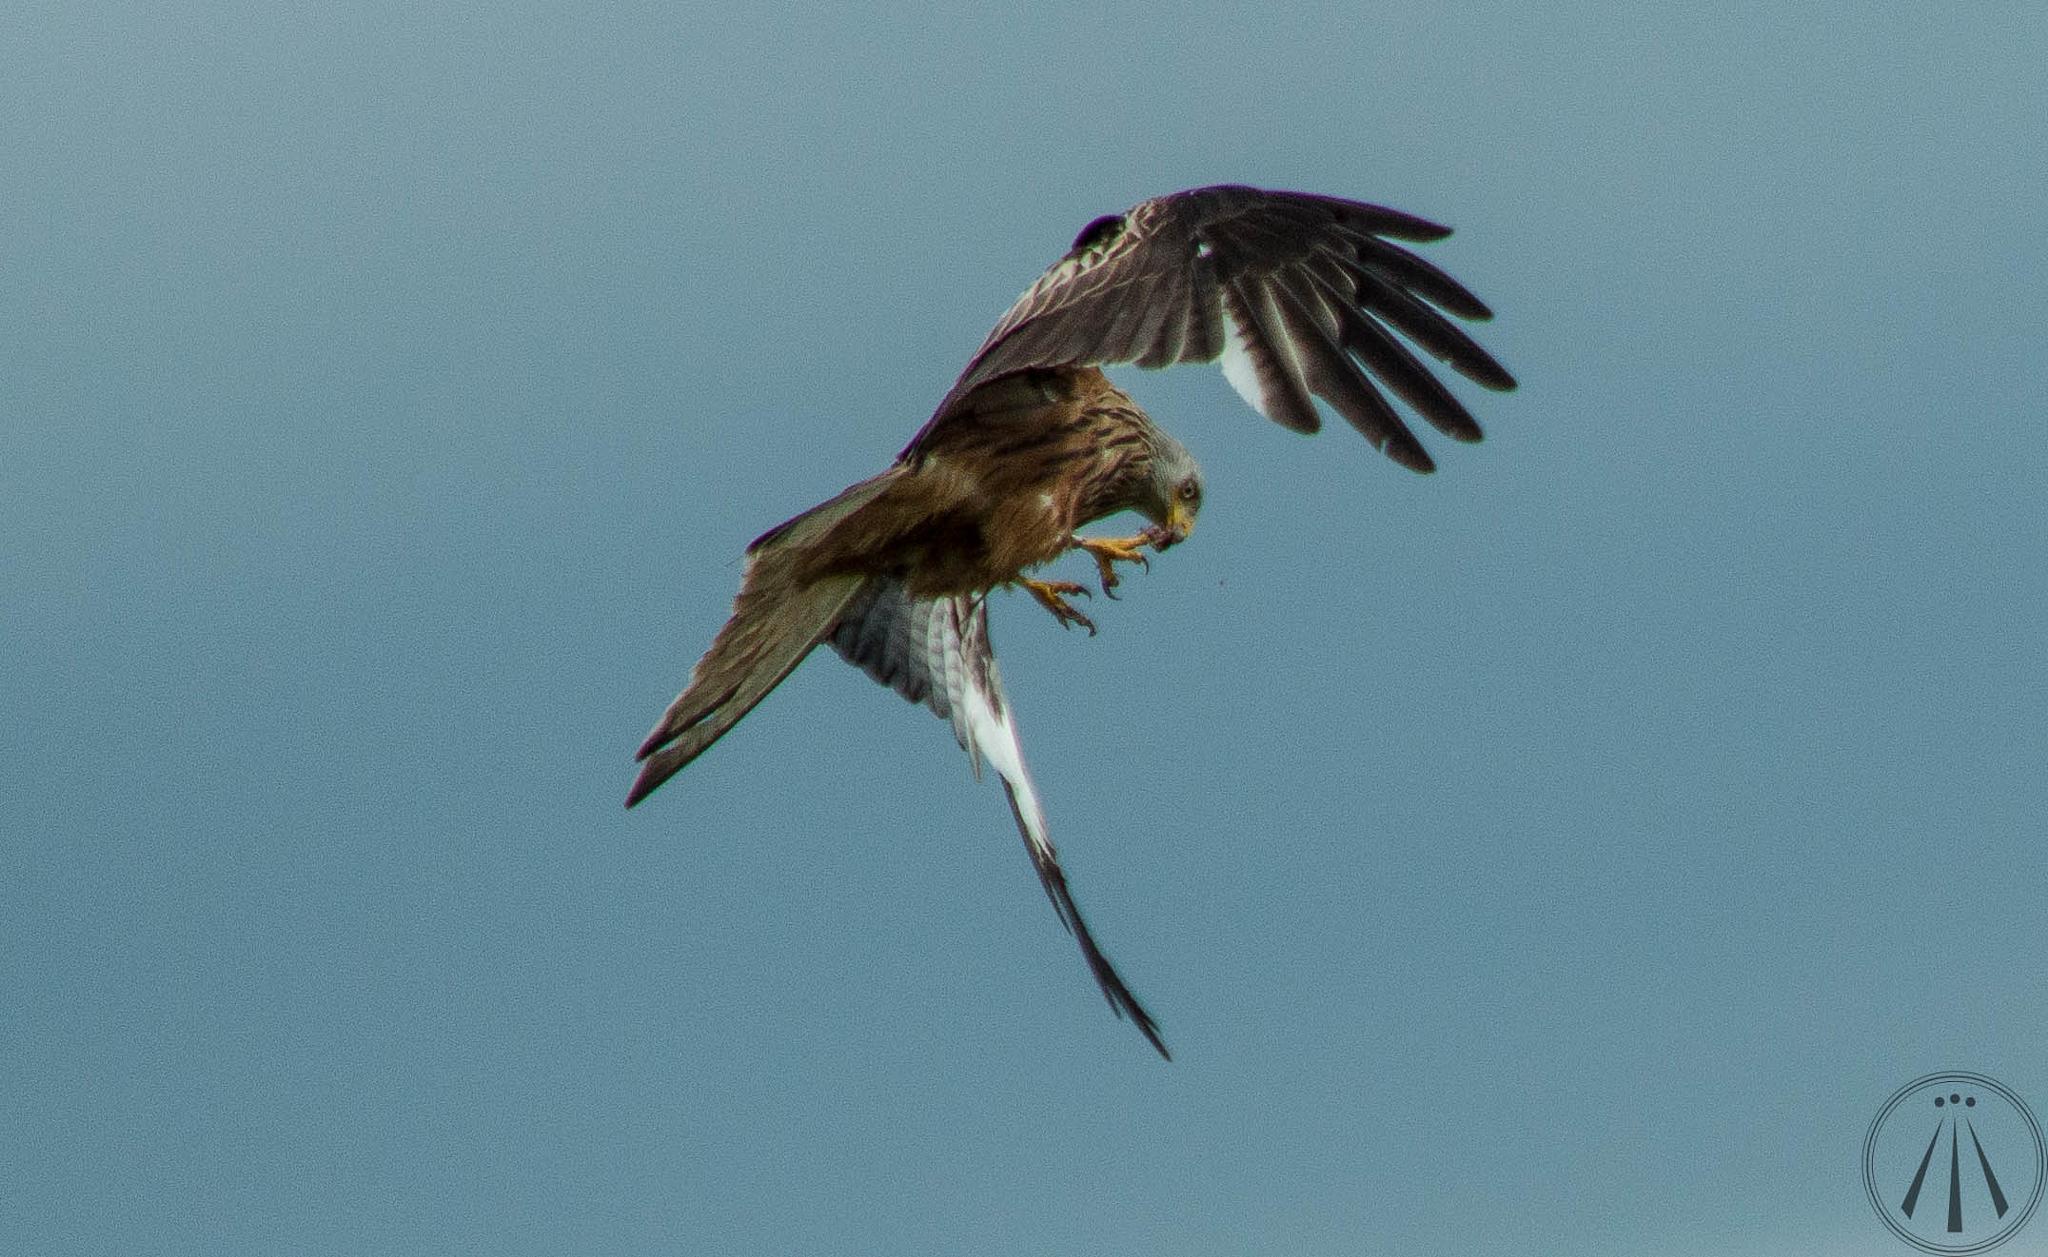 Feeding Red Kite by Neil Pitchford